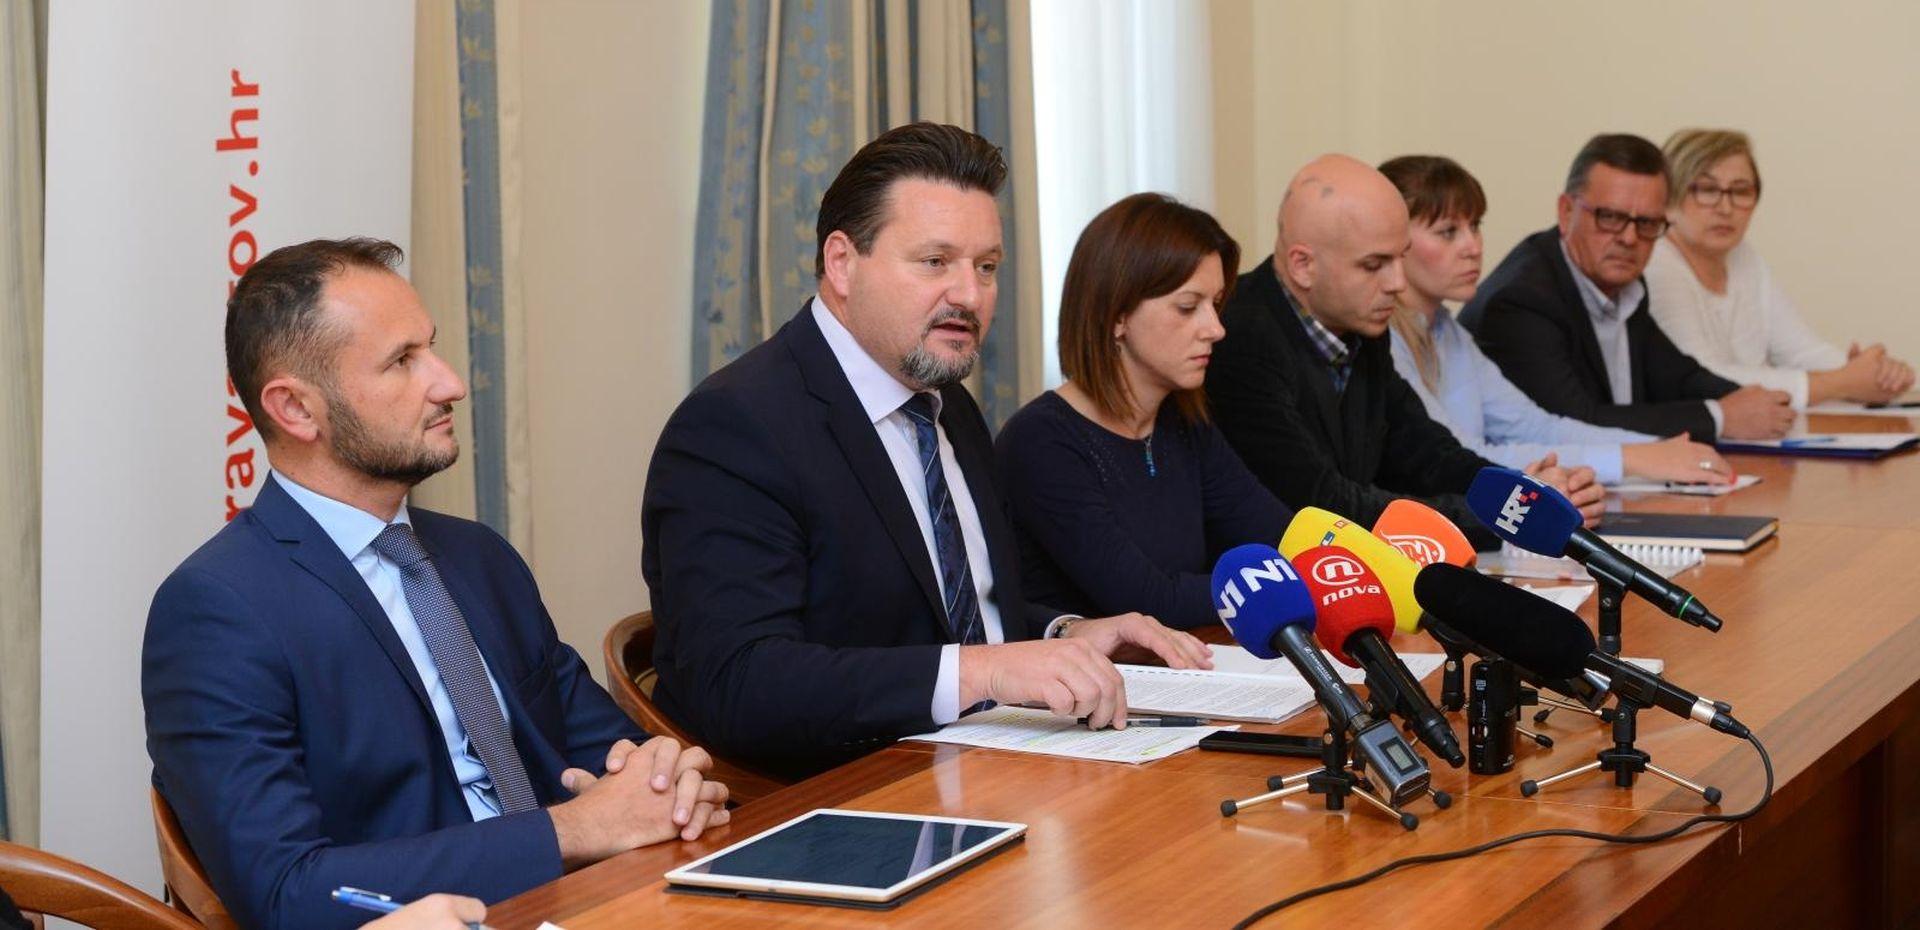 Ministarstvo objavilo tko sve želi pregledati neispravne potpise